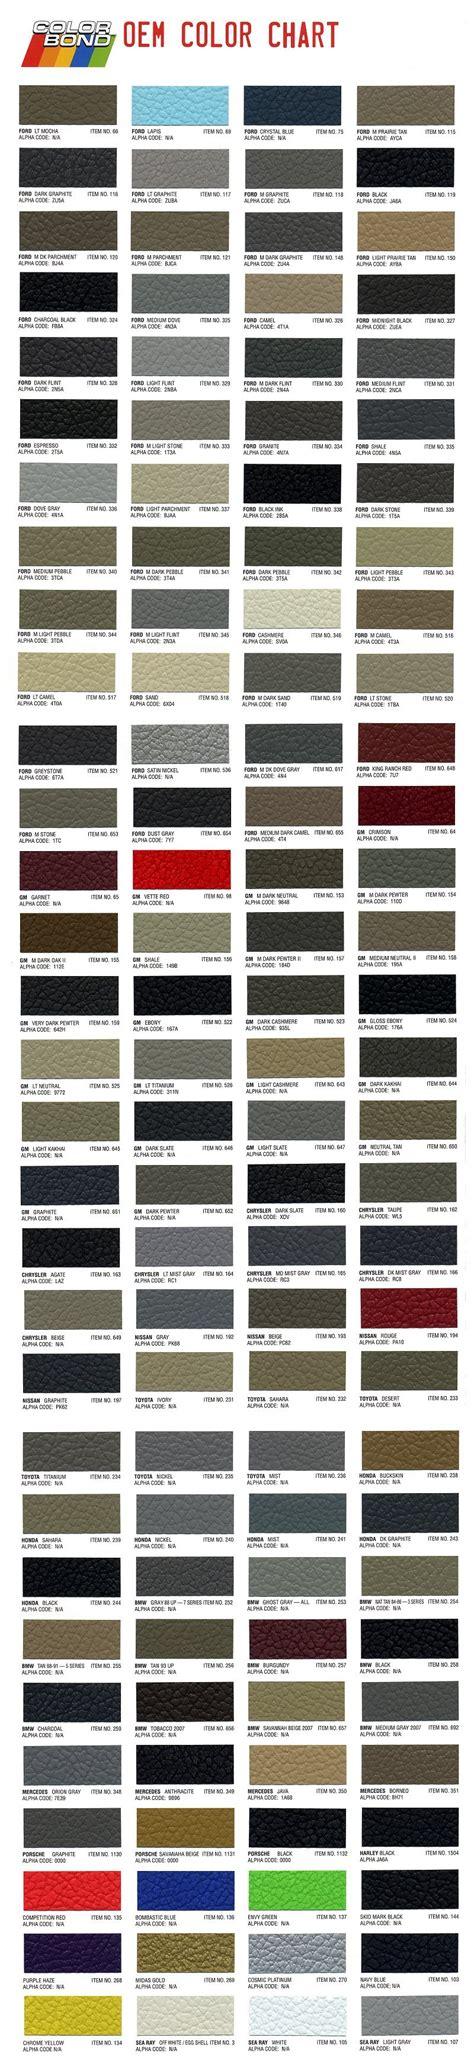 duplicolor match paint chart dupli color paint